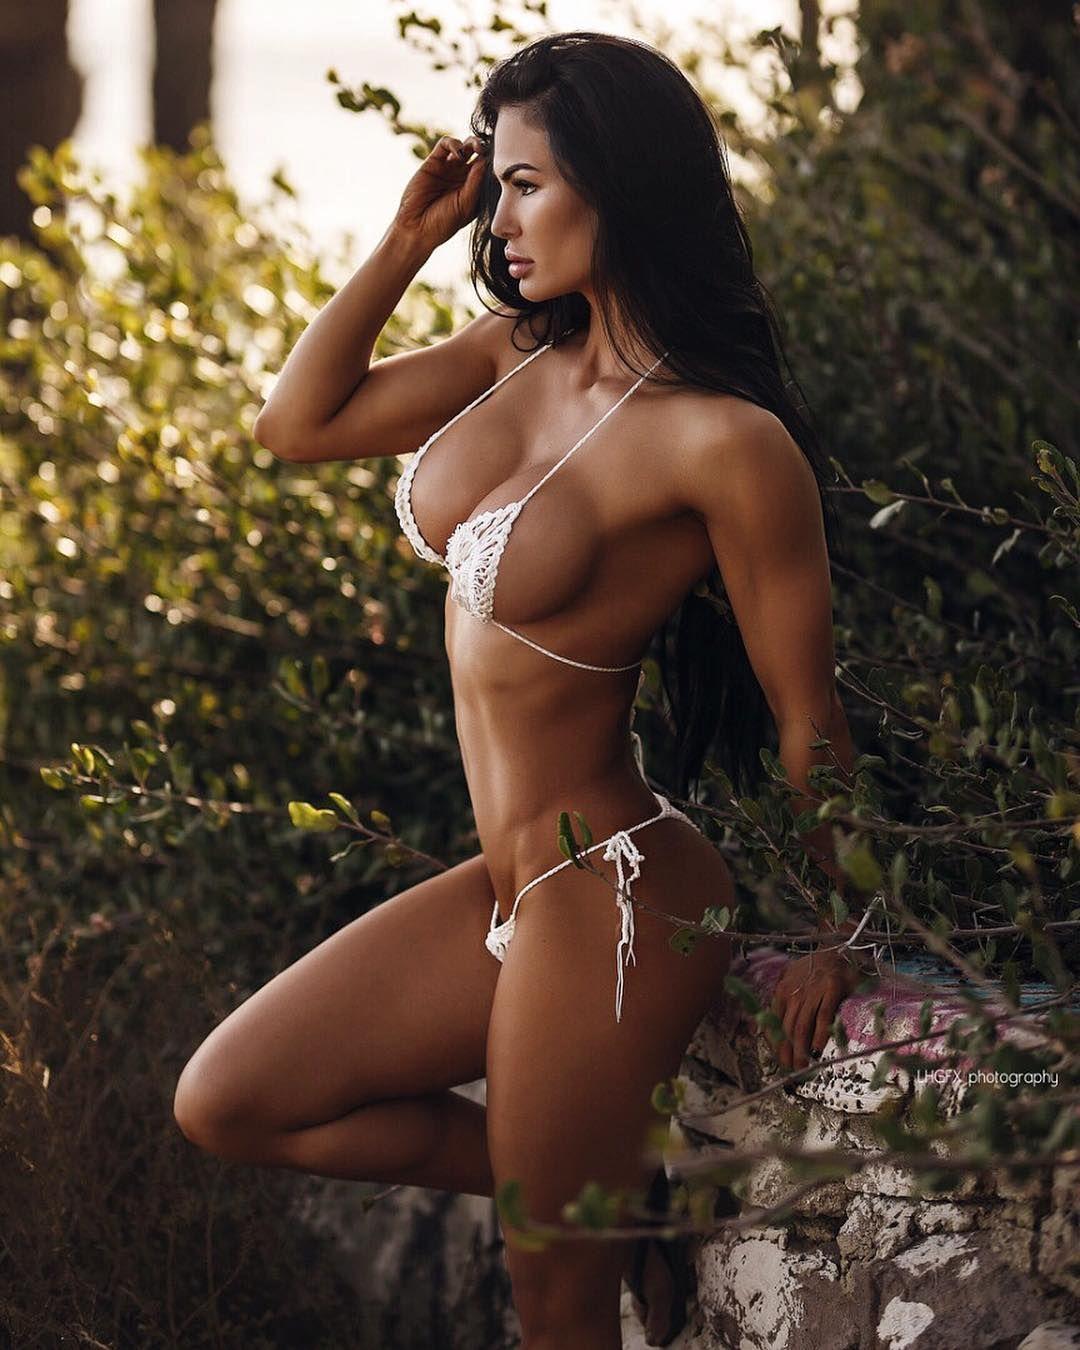 Instagram CInstagramie Amato nudes (39 photos), Sexy, Bikini, Twitter, panties 2019